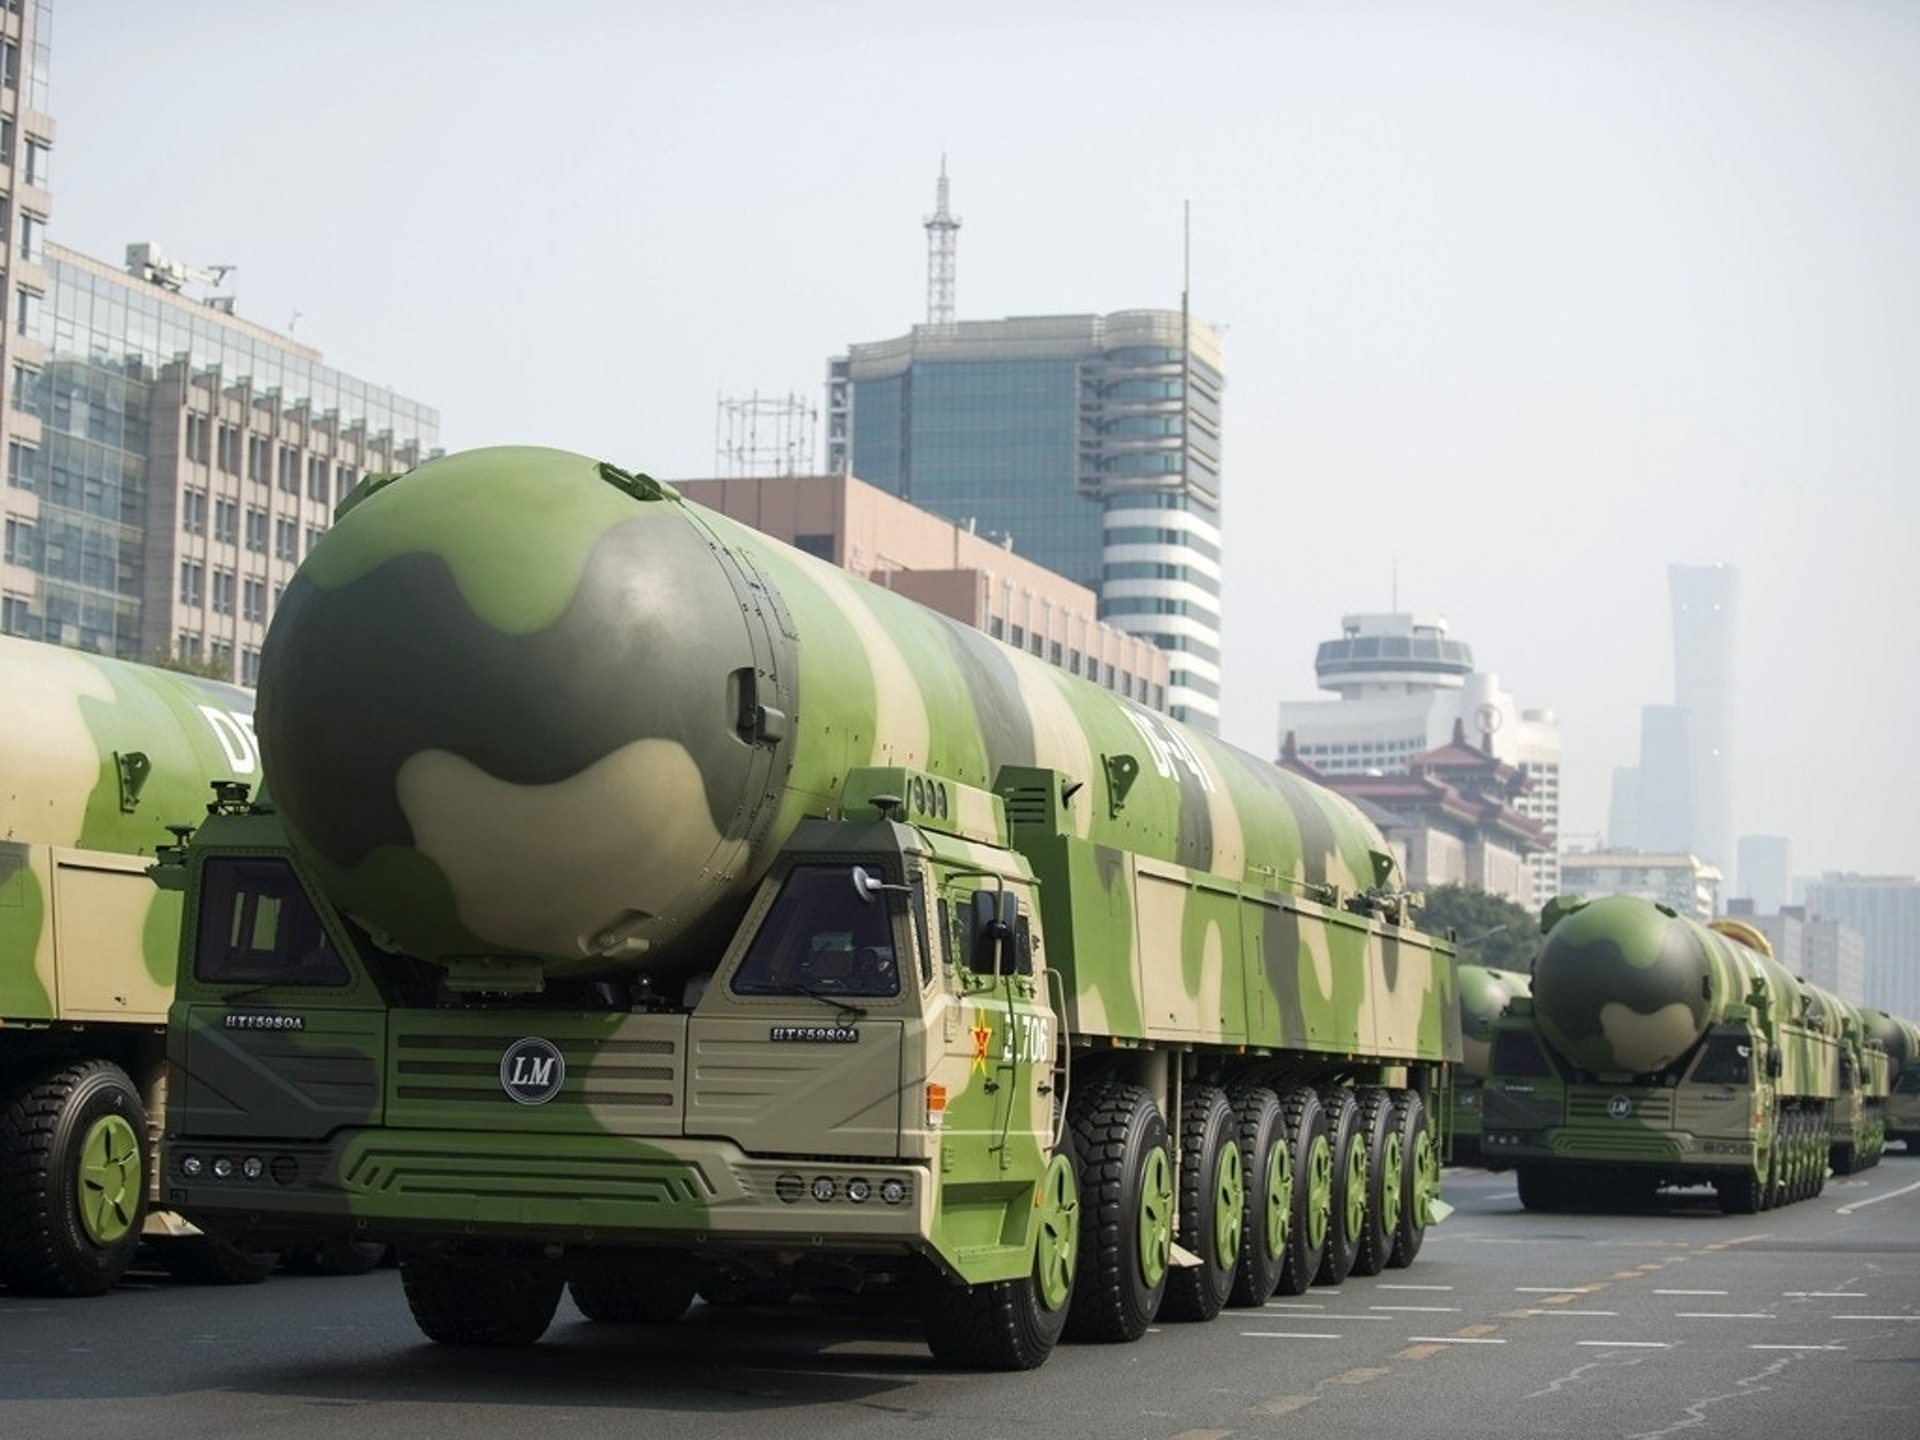 东风-41是中国最先进洲际核导弹,也被称为是地球上威力最大的导弹。(新华社)